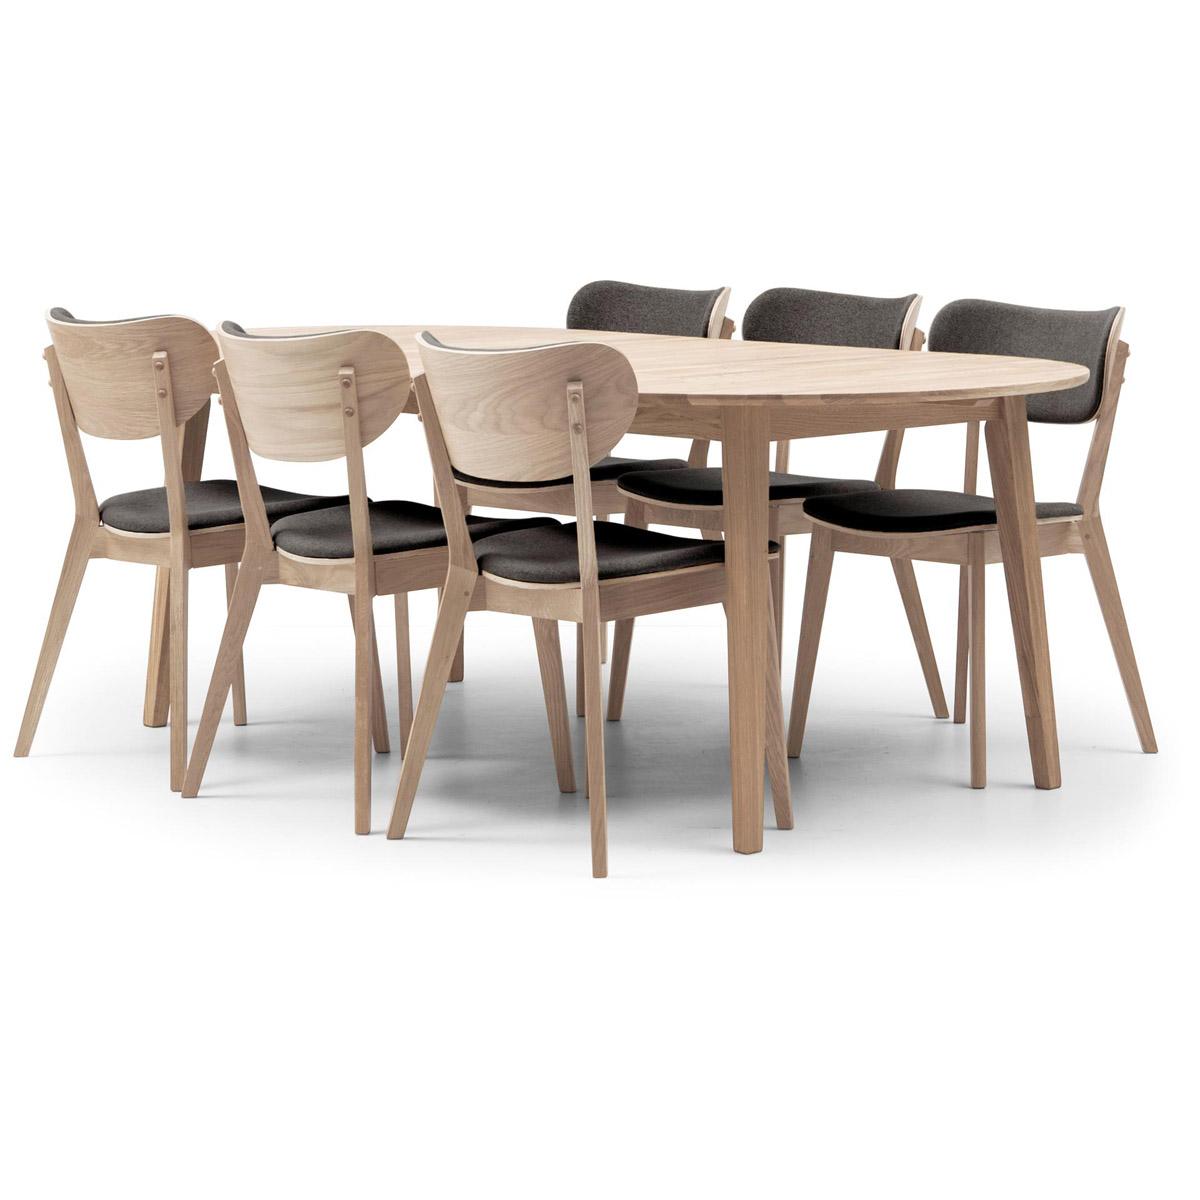 Vasa ovalt bord 170+50 med 6 stolar Clara vitoljad ek/grå